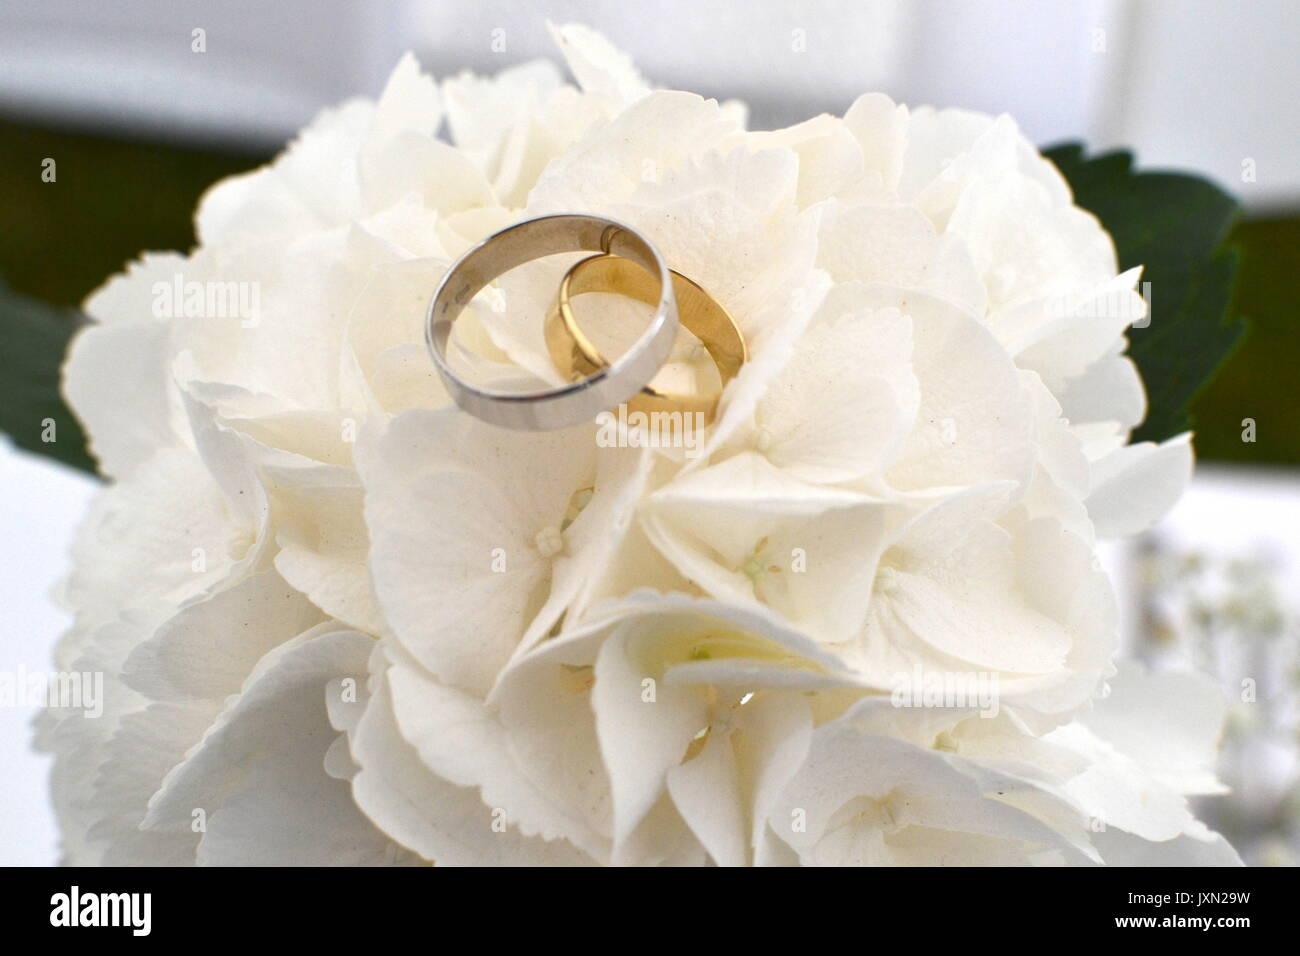 Gli anelli di fidanzamento sul fiore. Immagini Stock